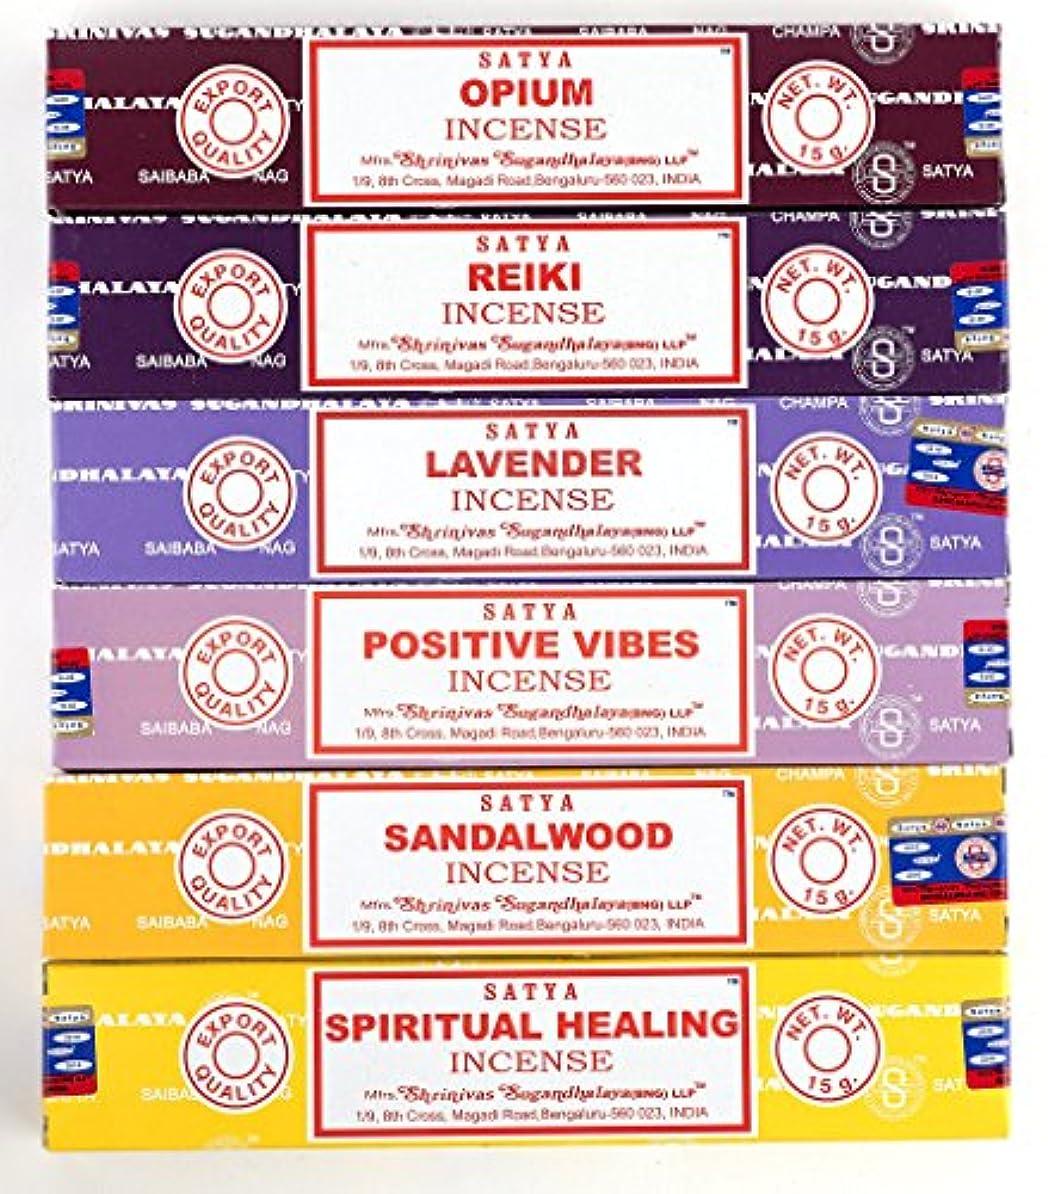 医薬品トライアスロン落ち着いたNag Champa 6 Piece Variety Pack – Opium、レイキ、ラベンダー、Positive Vibes、サンダルウッド、Spiritual Healing